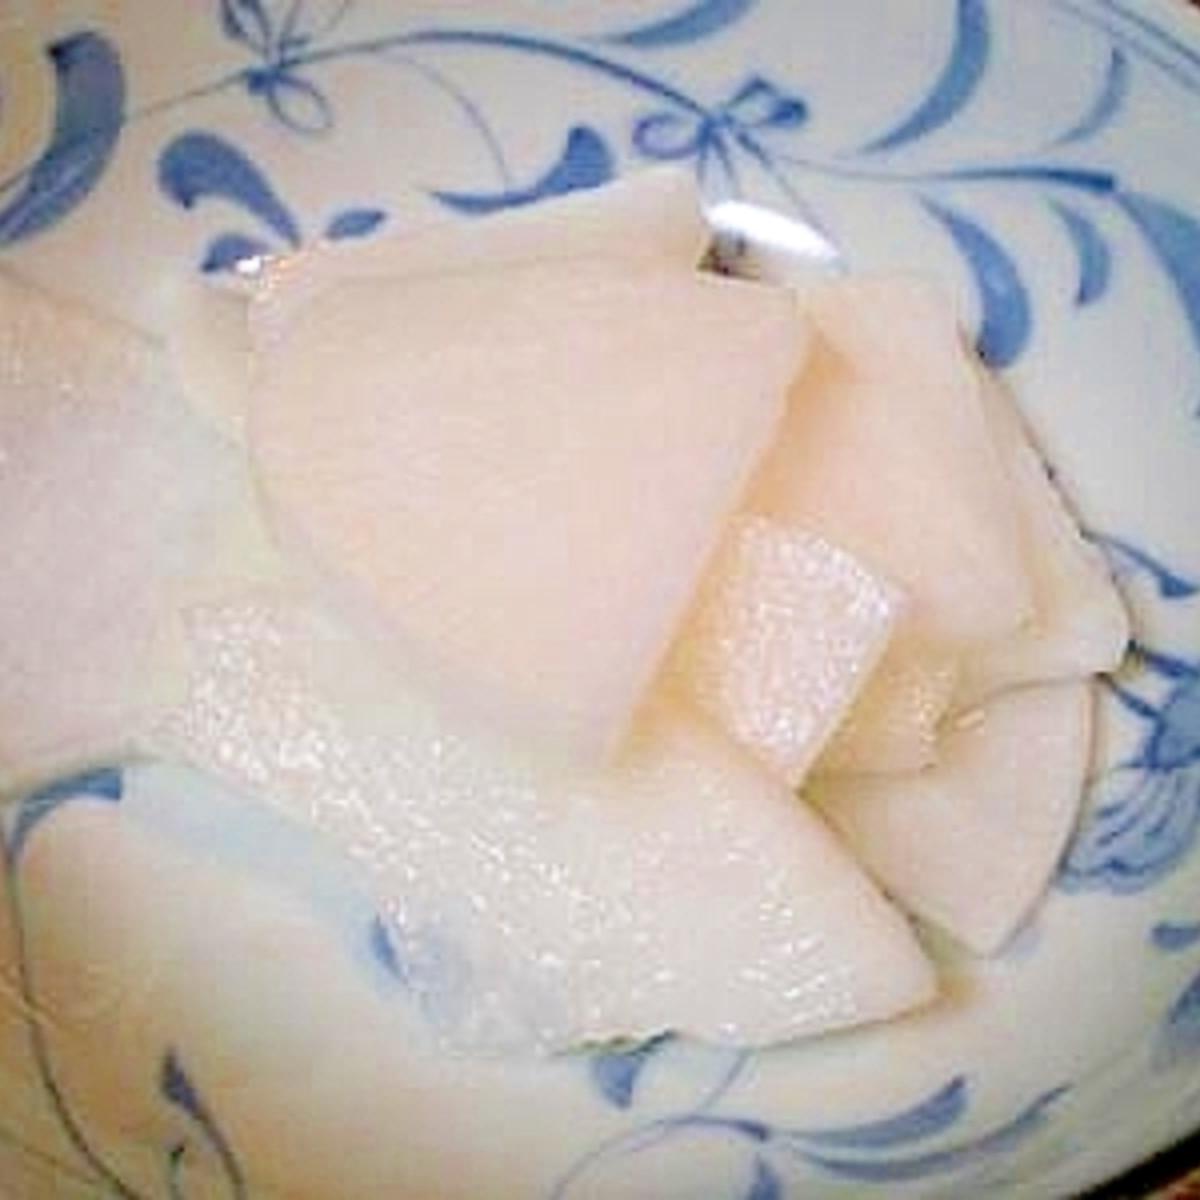 ピクルス 液 残り